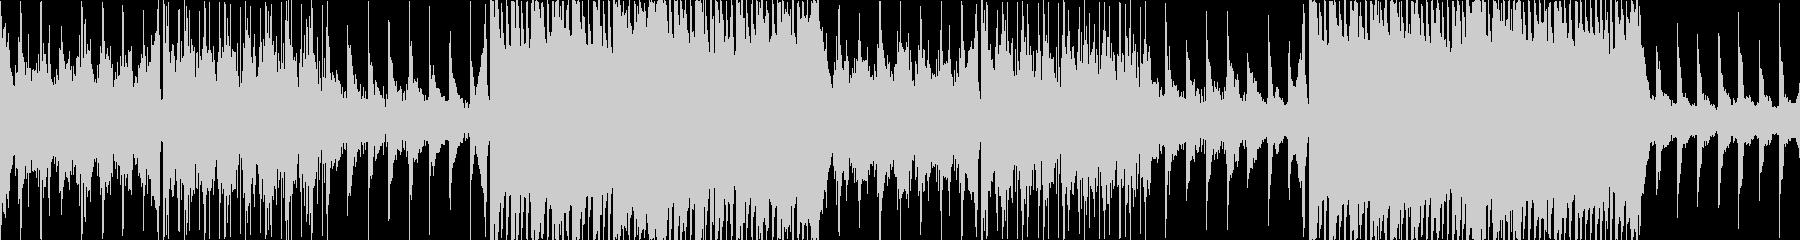 幻想的、フワフワ、エレクトロBGM、Lの未再生の波形